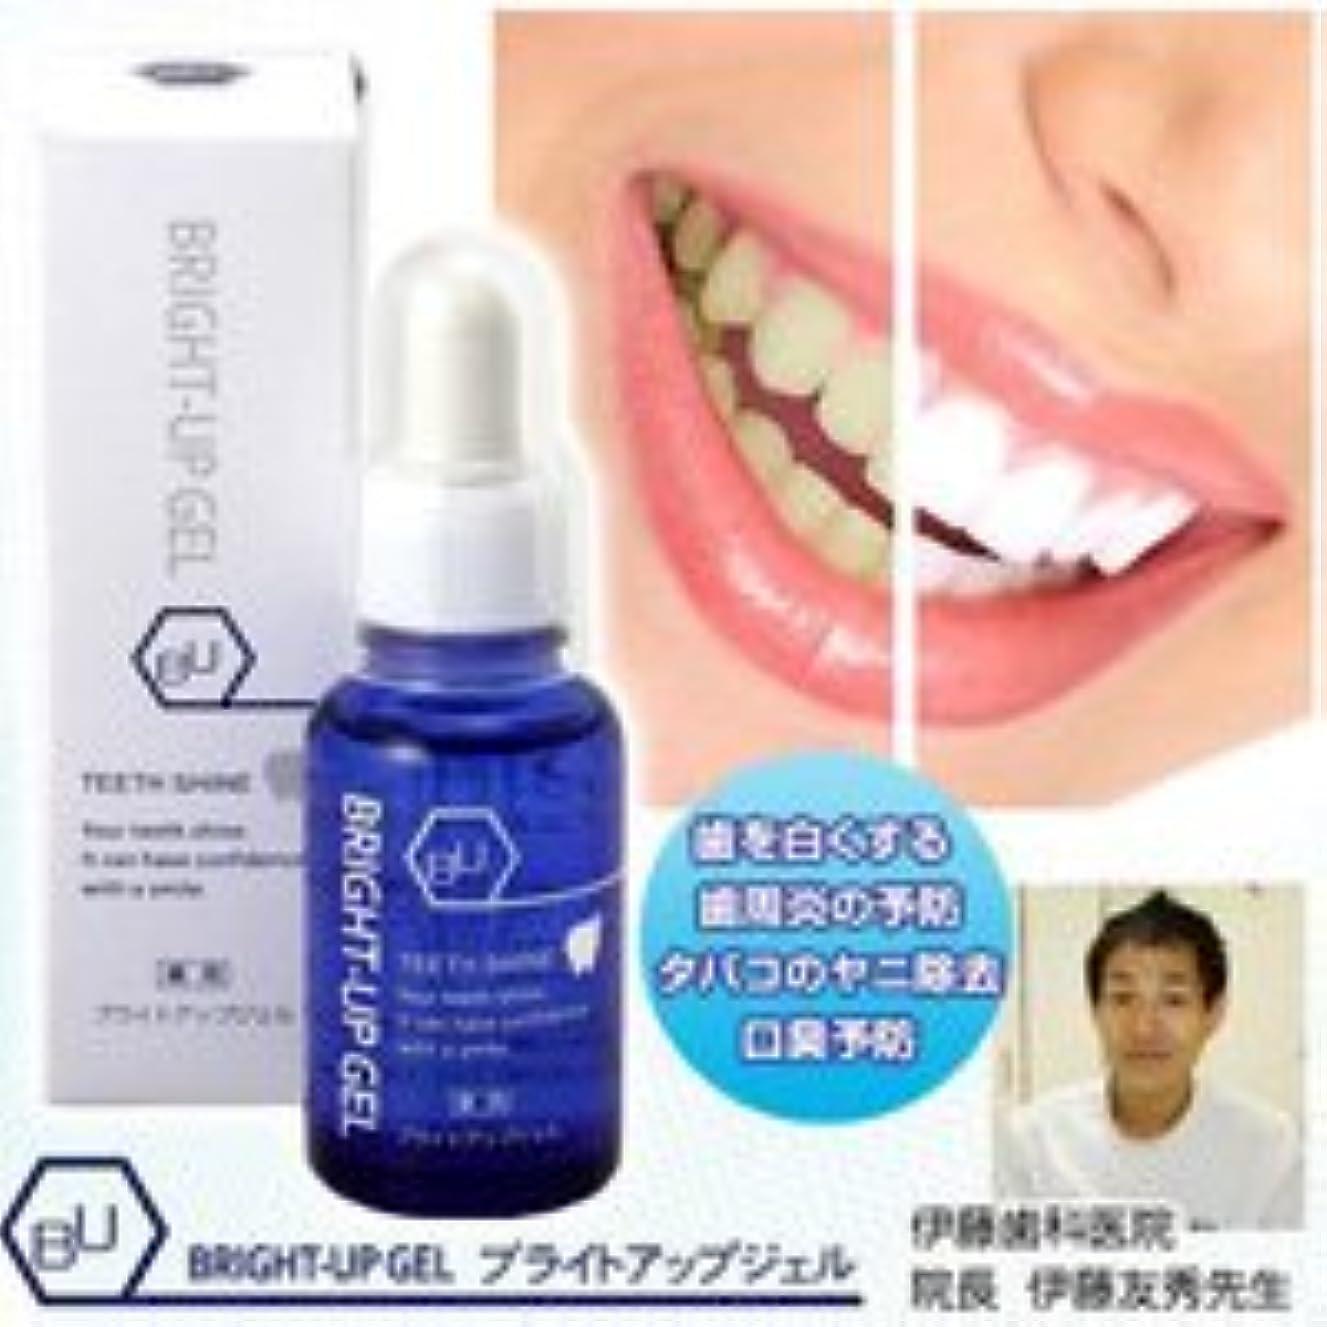 小道安息テーマ薬用ブライトアップジェル☆歯科医監修の4つの医薬部外品含有のホワイトニングジェル